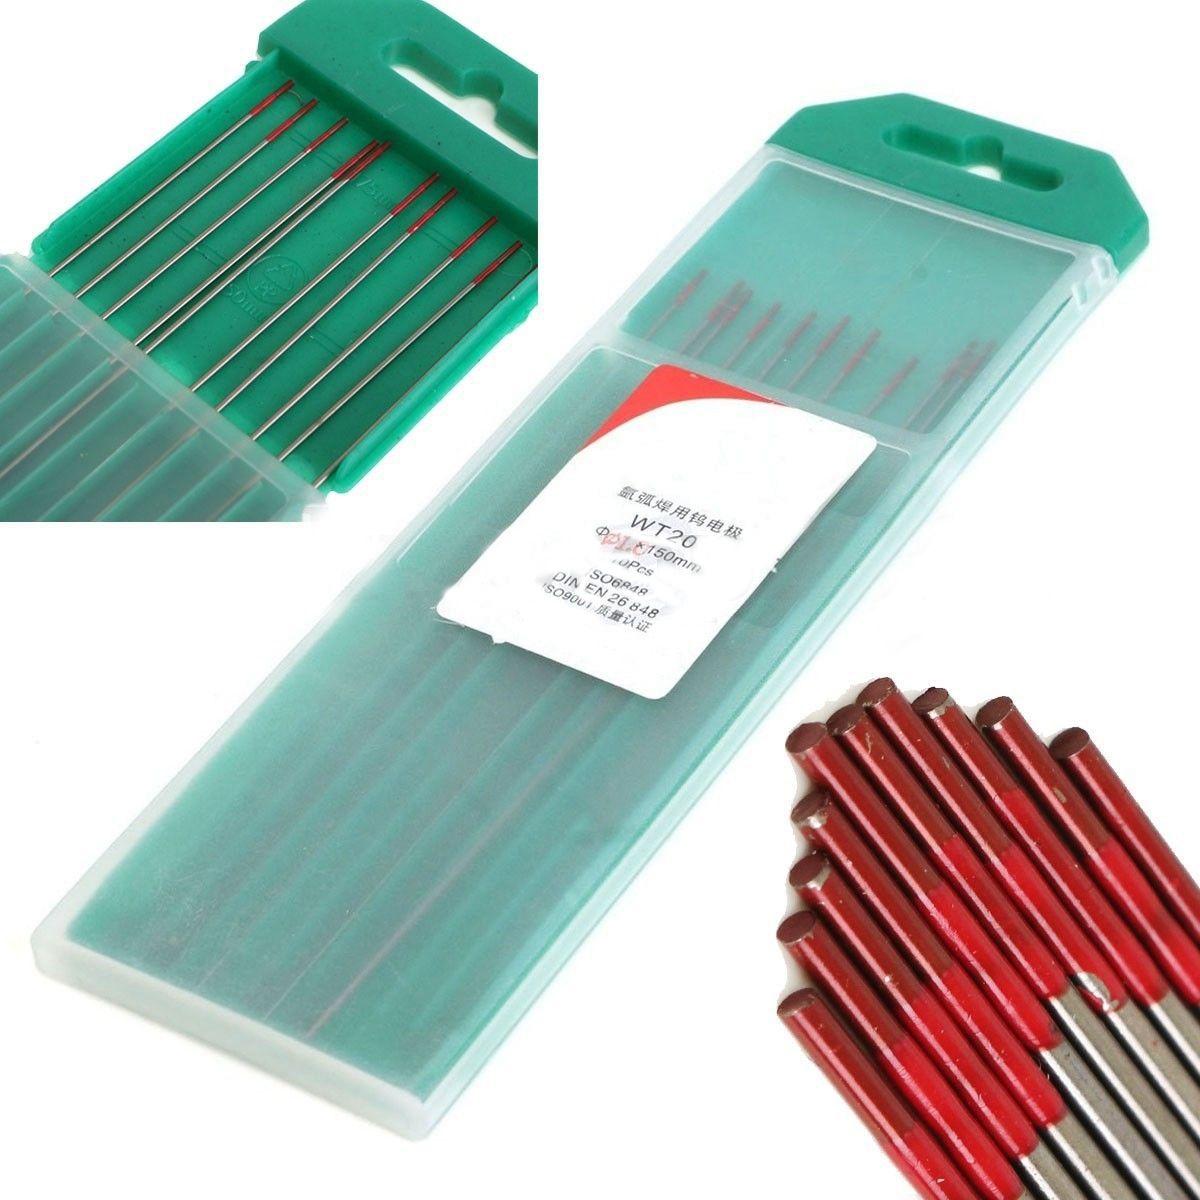 10 stücke WT20 Wolfram Elektrode Professionelle Tig Stange 2% Lanthan Spitze Wig-schweißen Elektroden 150mm/6 zoll Arc schweißer